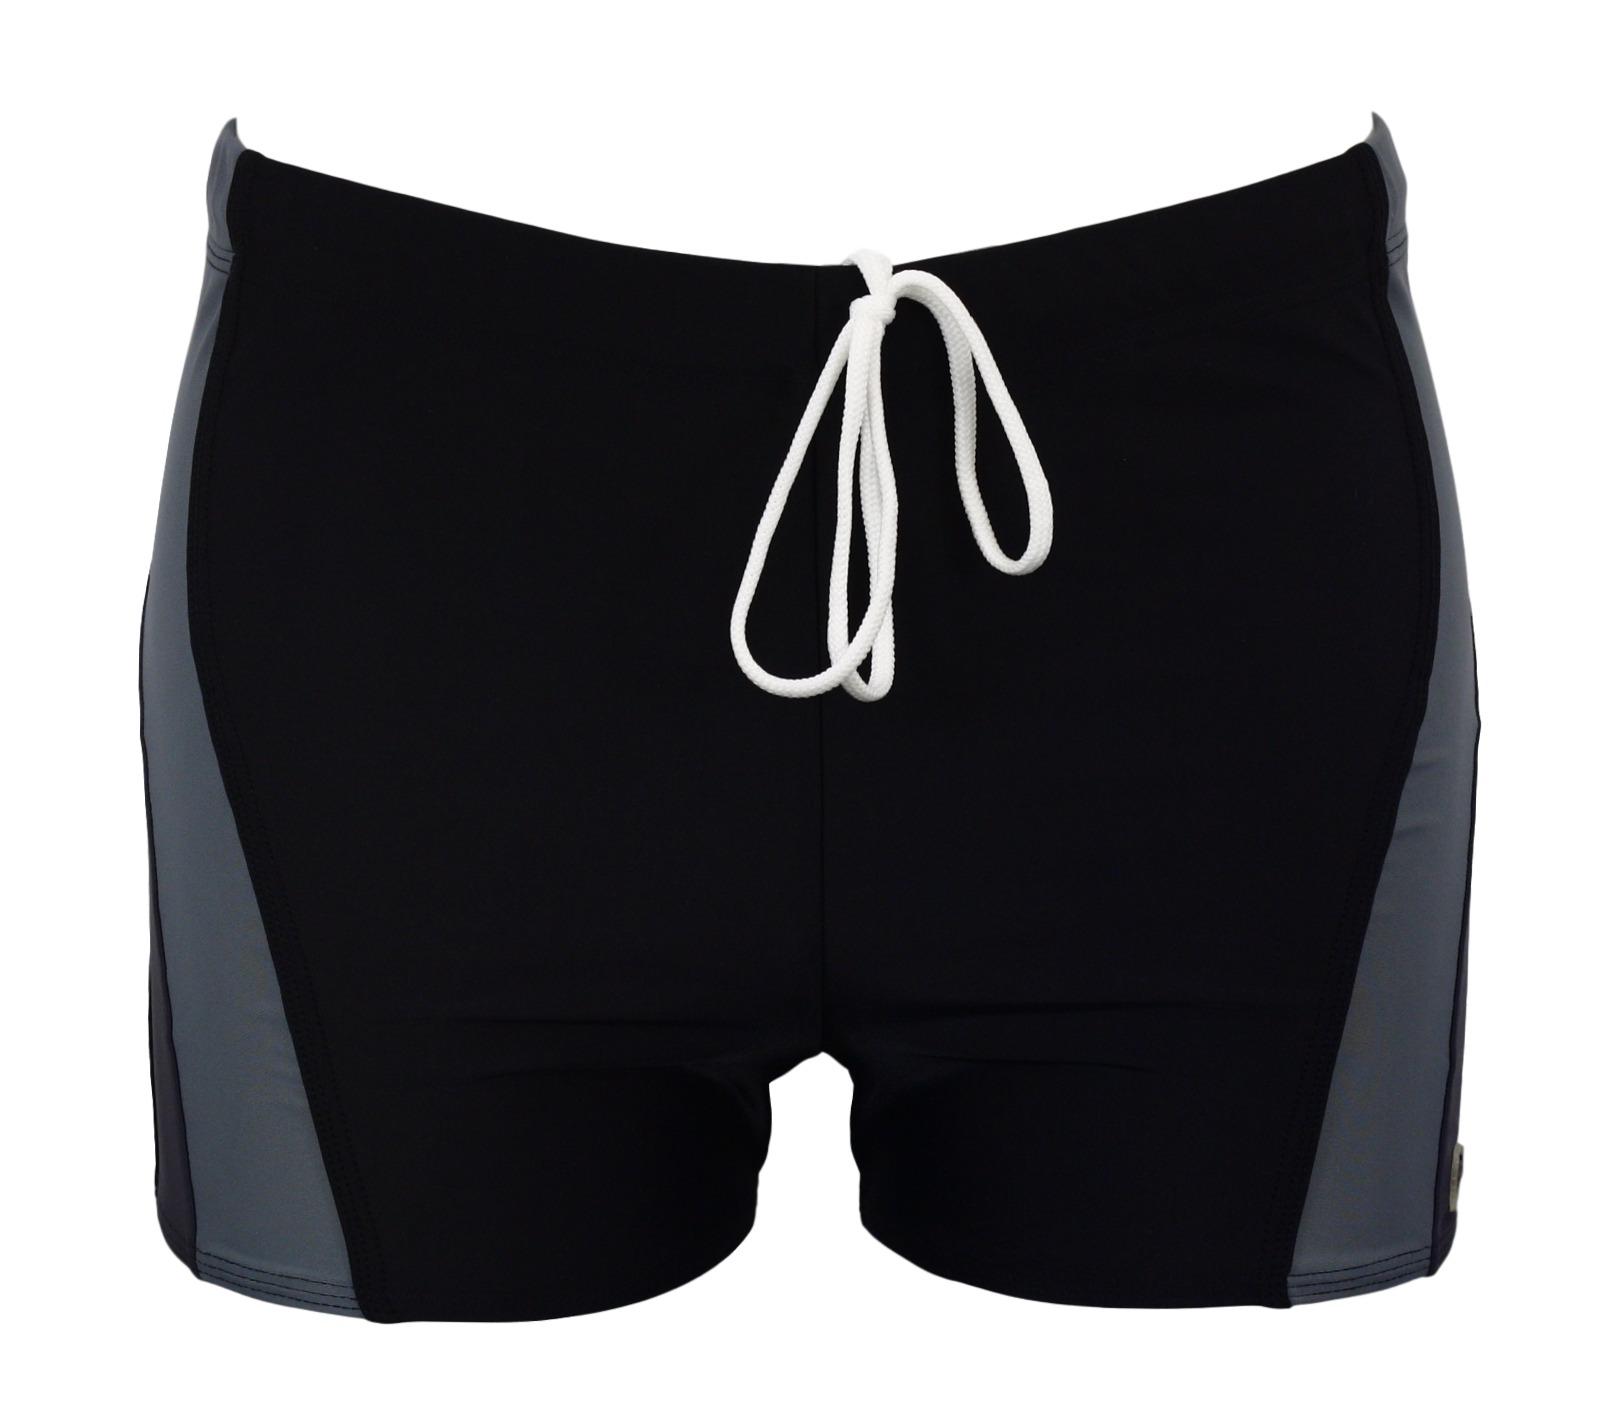 Pánské plavky Philip - Gwinner - Černá/S